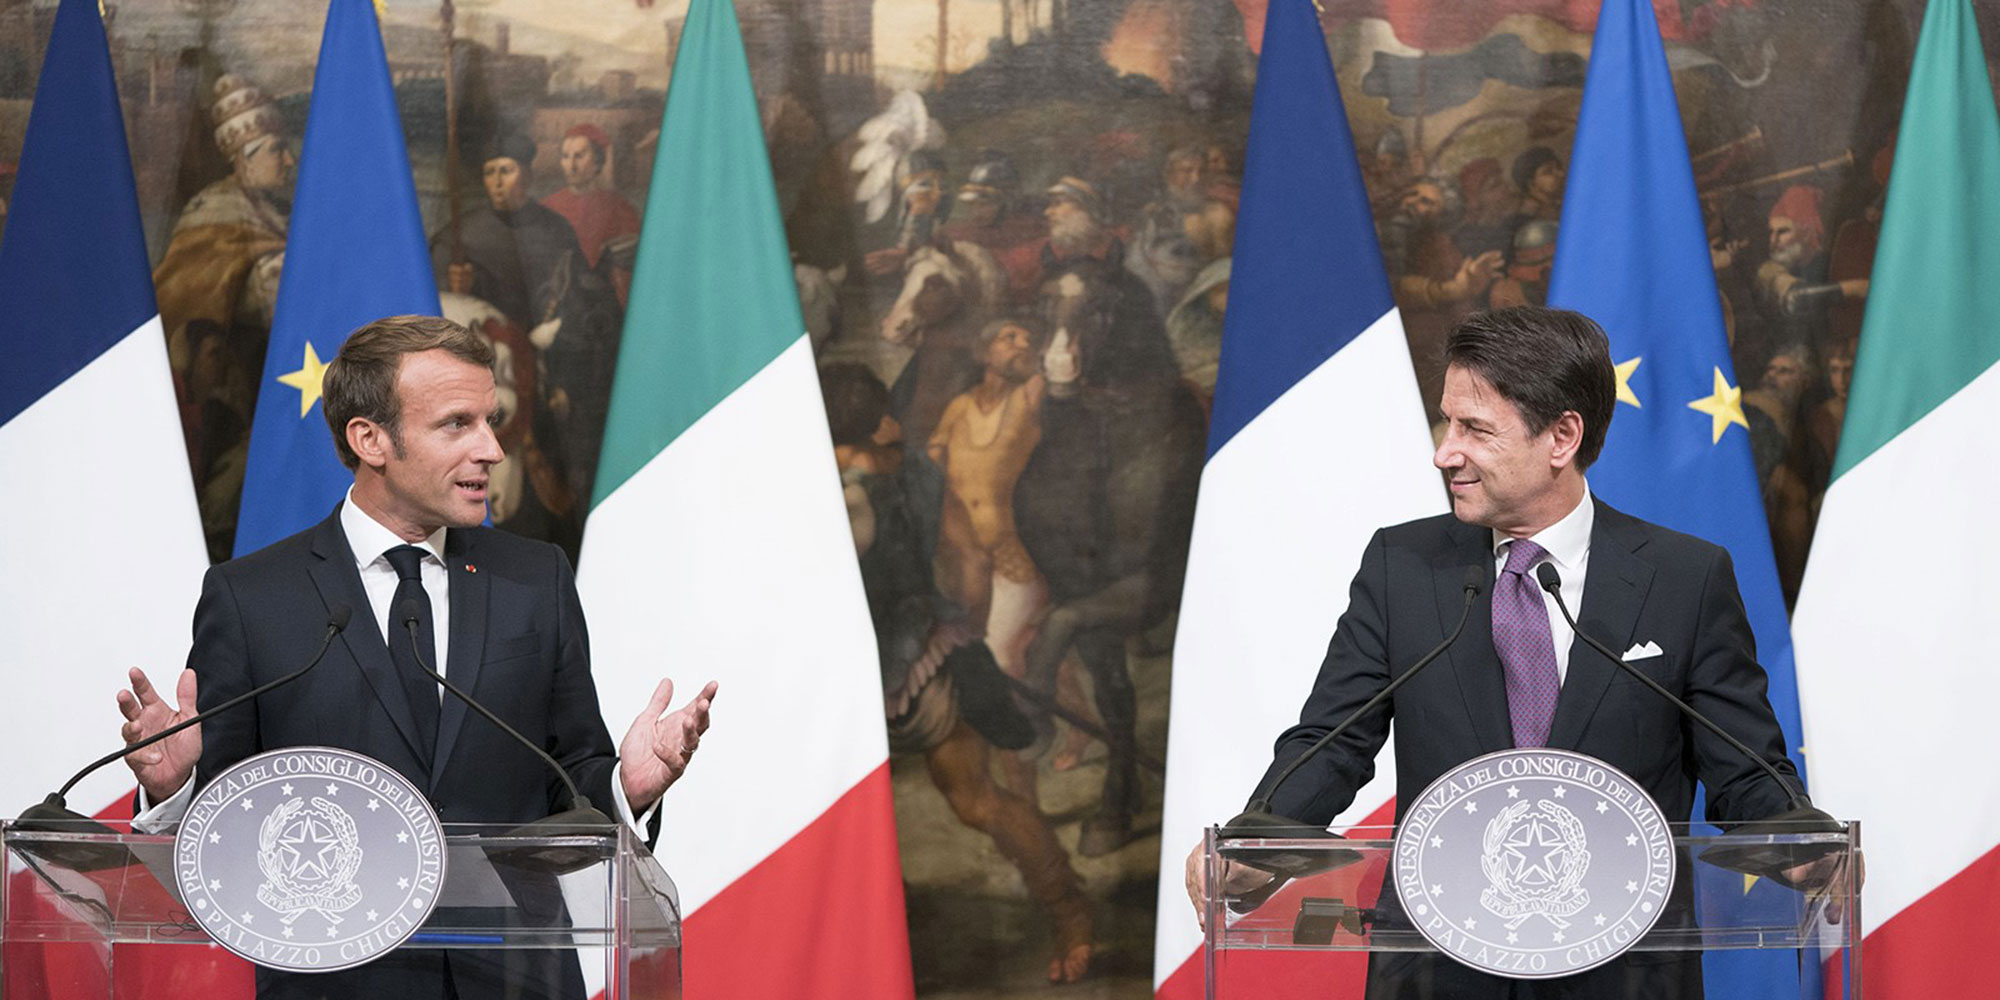 La France et l'Italie veulent se réconcilier